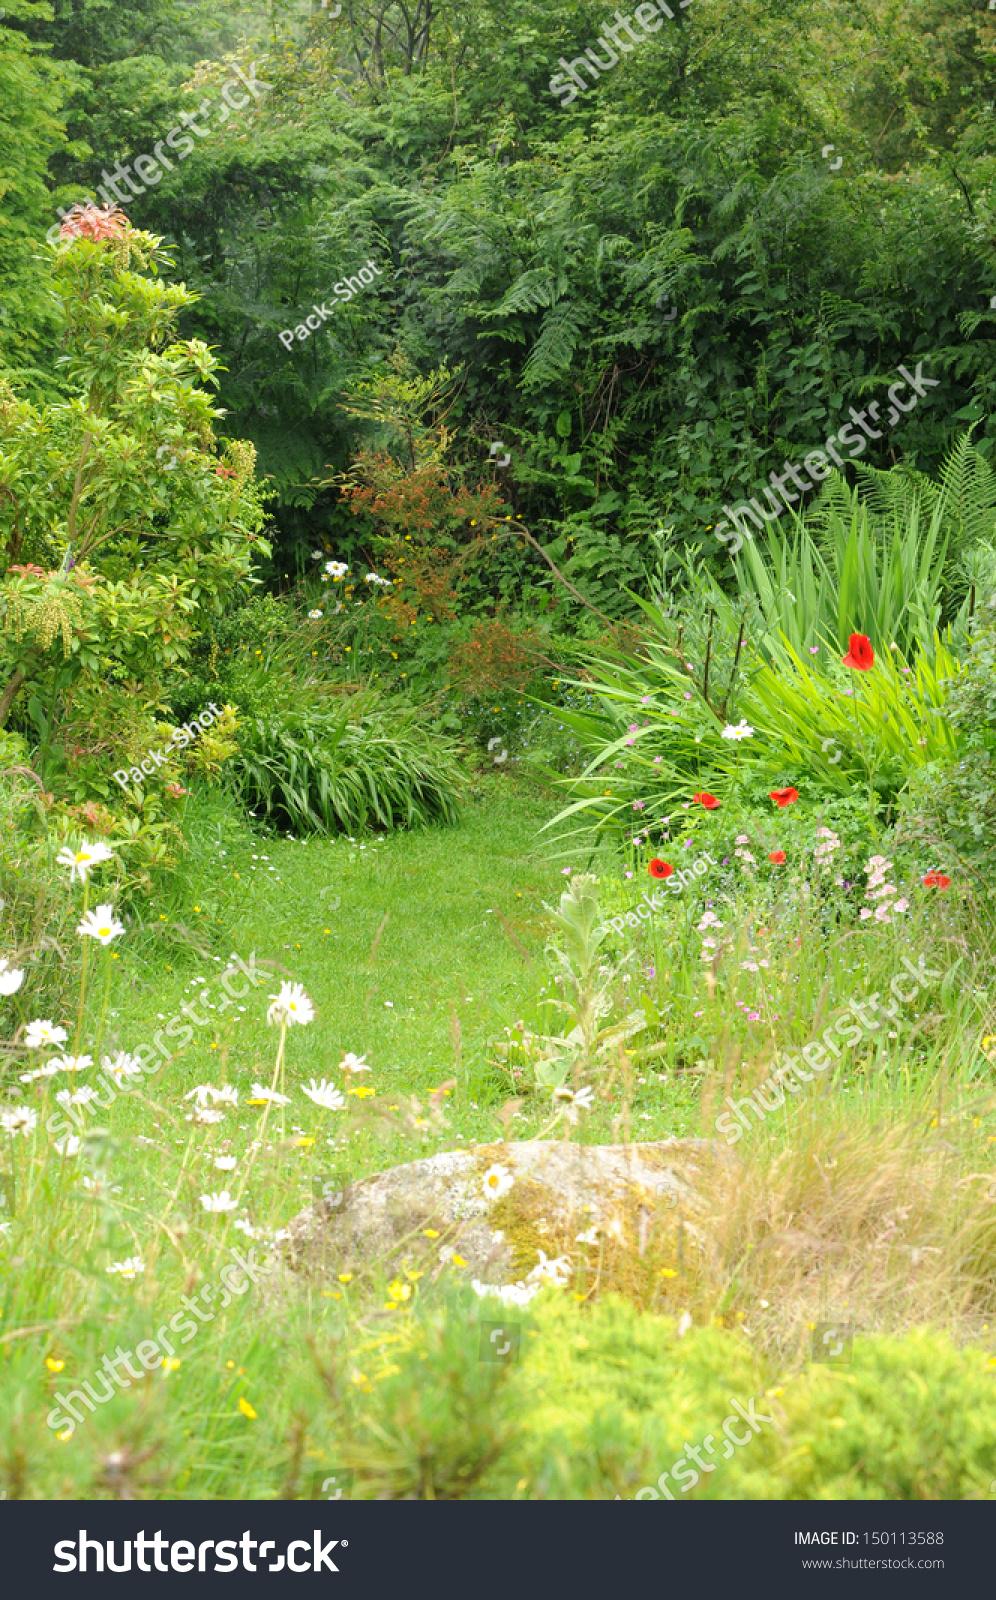 France le jardin de l atelier stock photo 150113588 for Le jardin de france